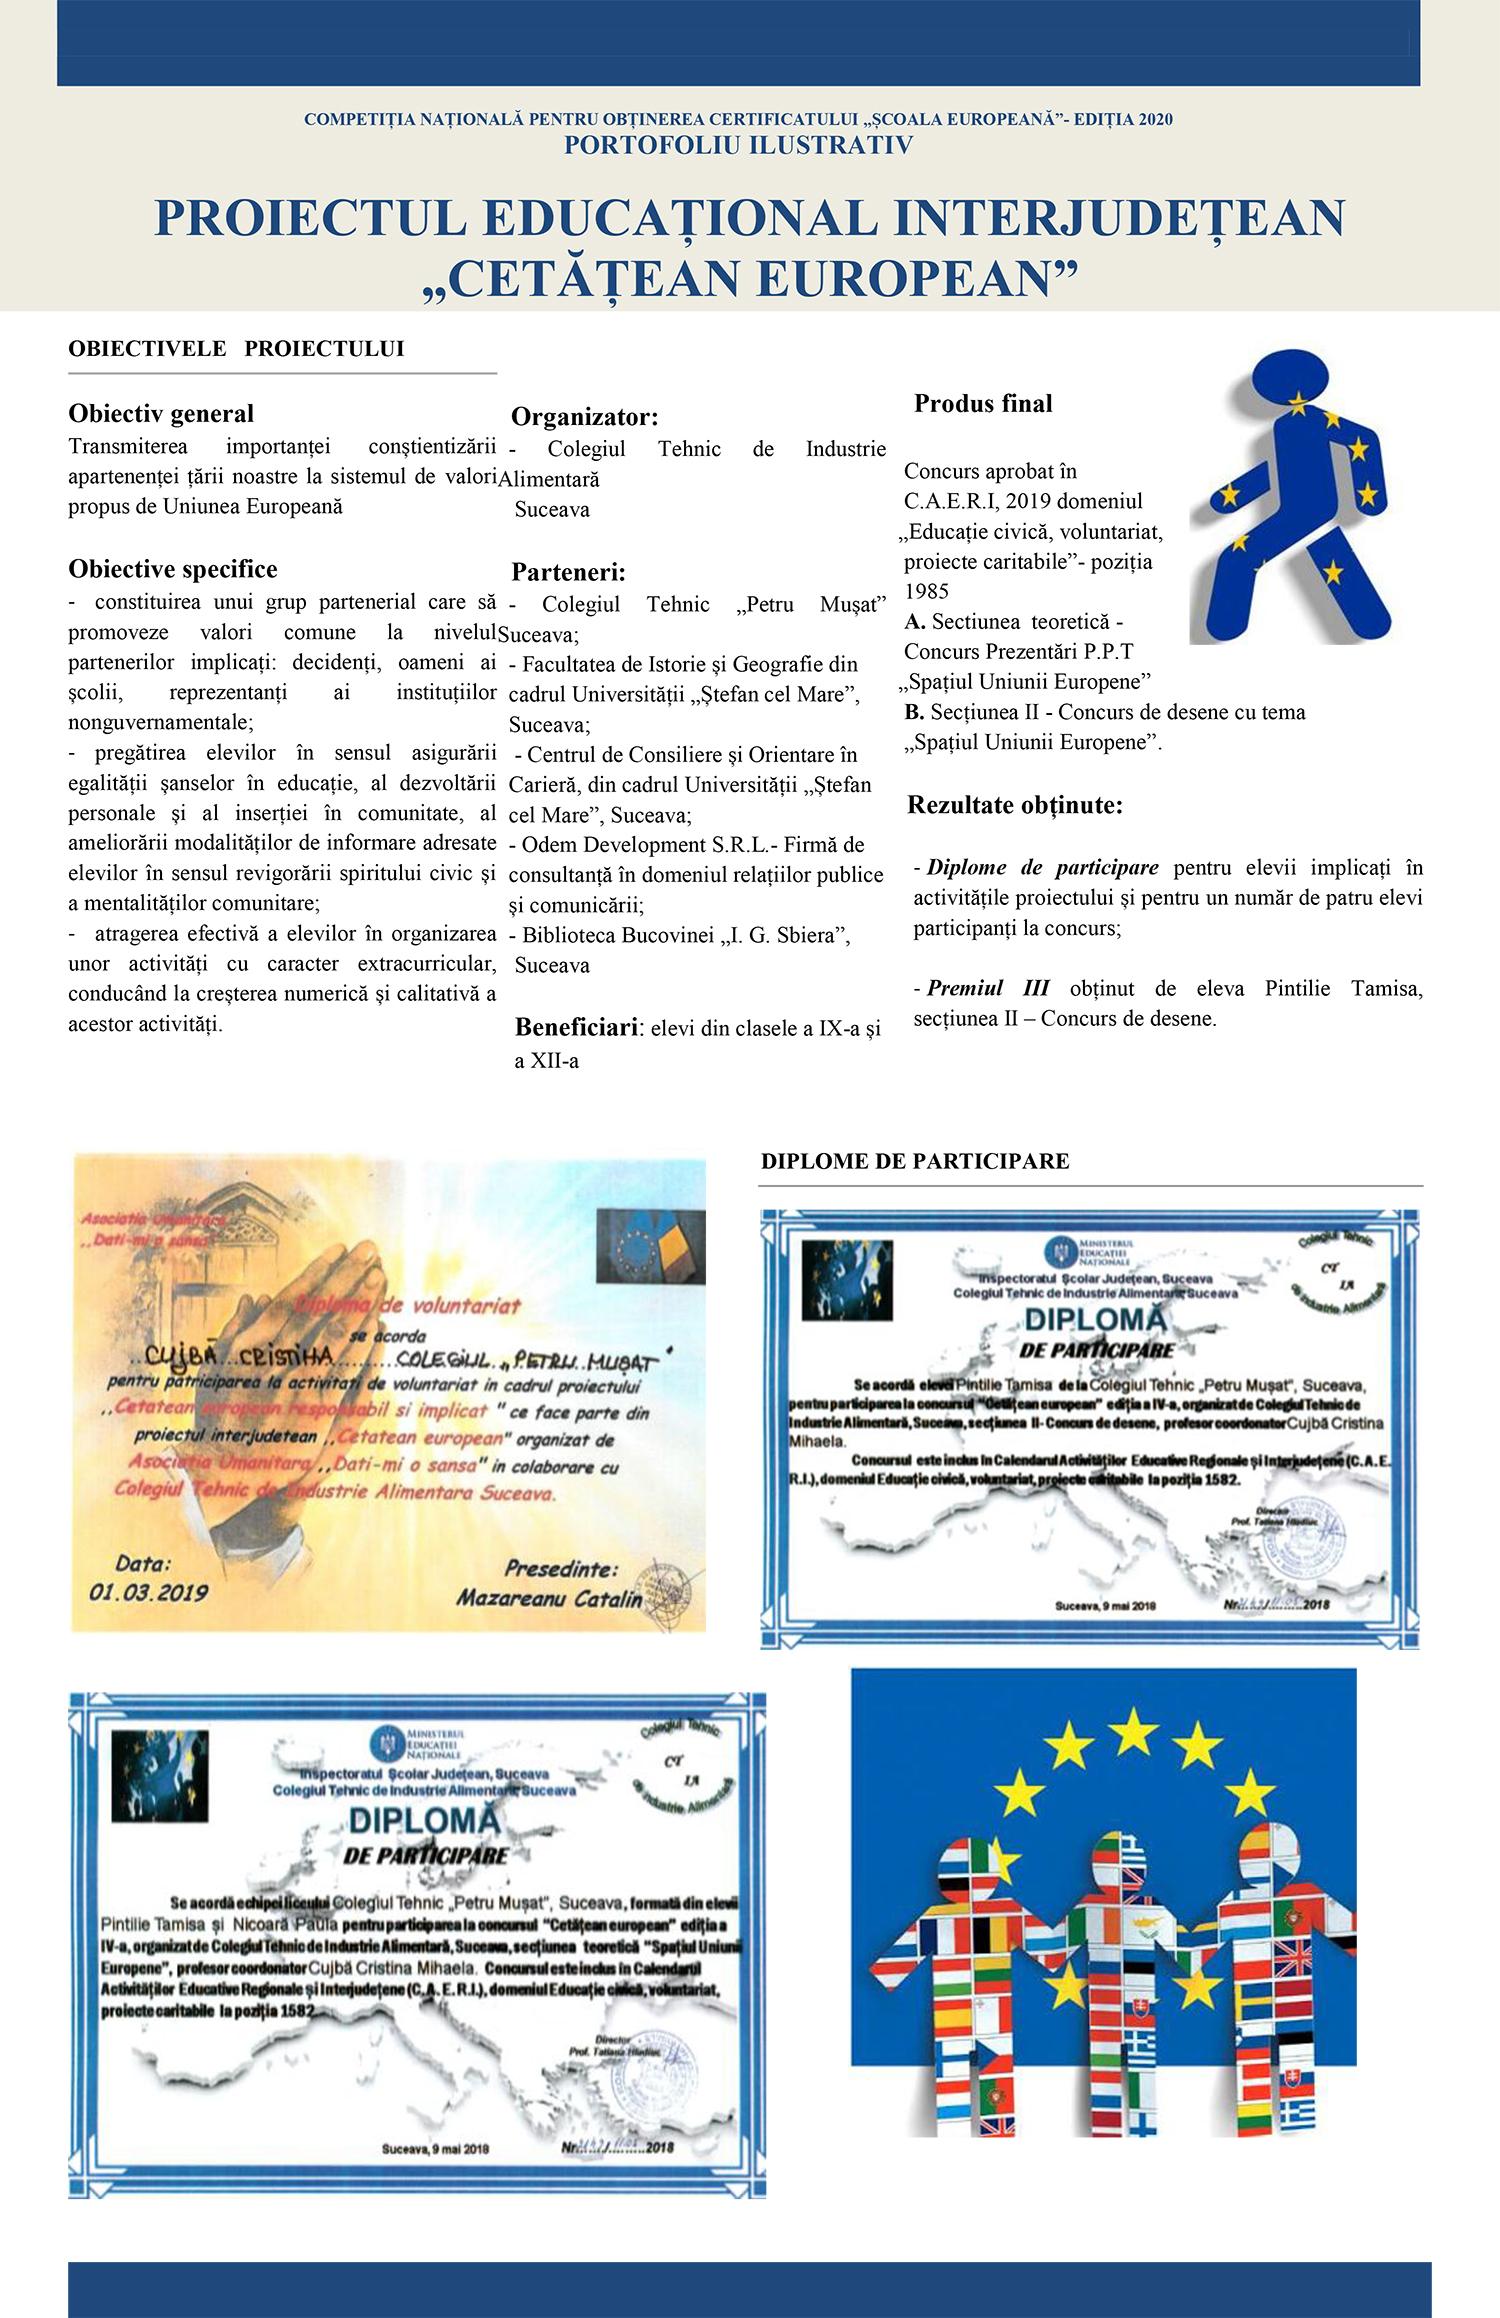 ZIUA EUROPEI - CETĂȚEAN EUROPEAN